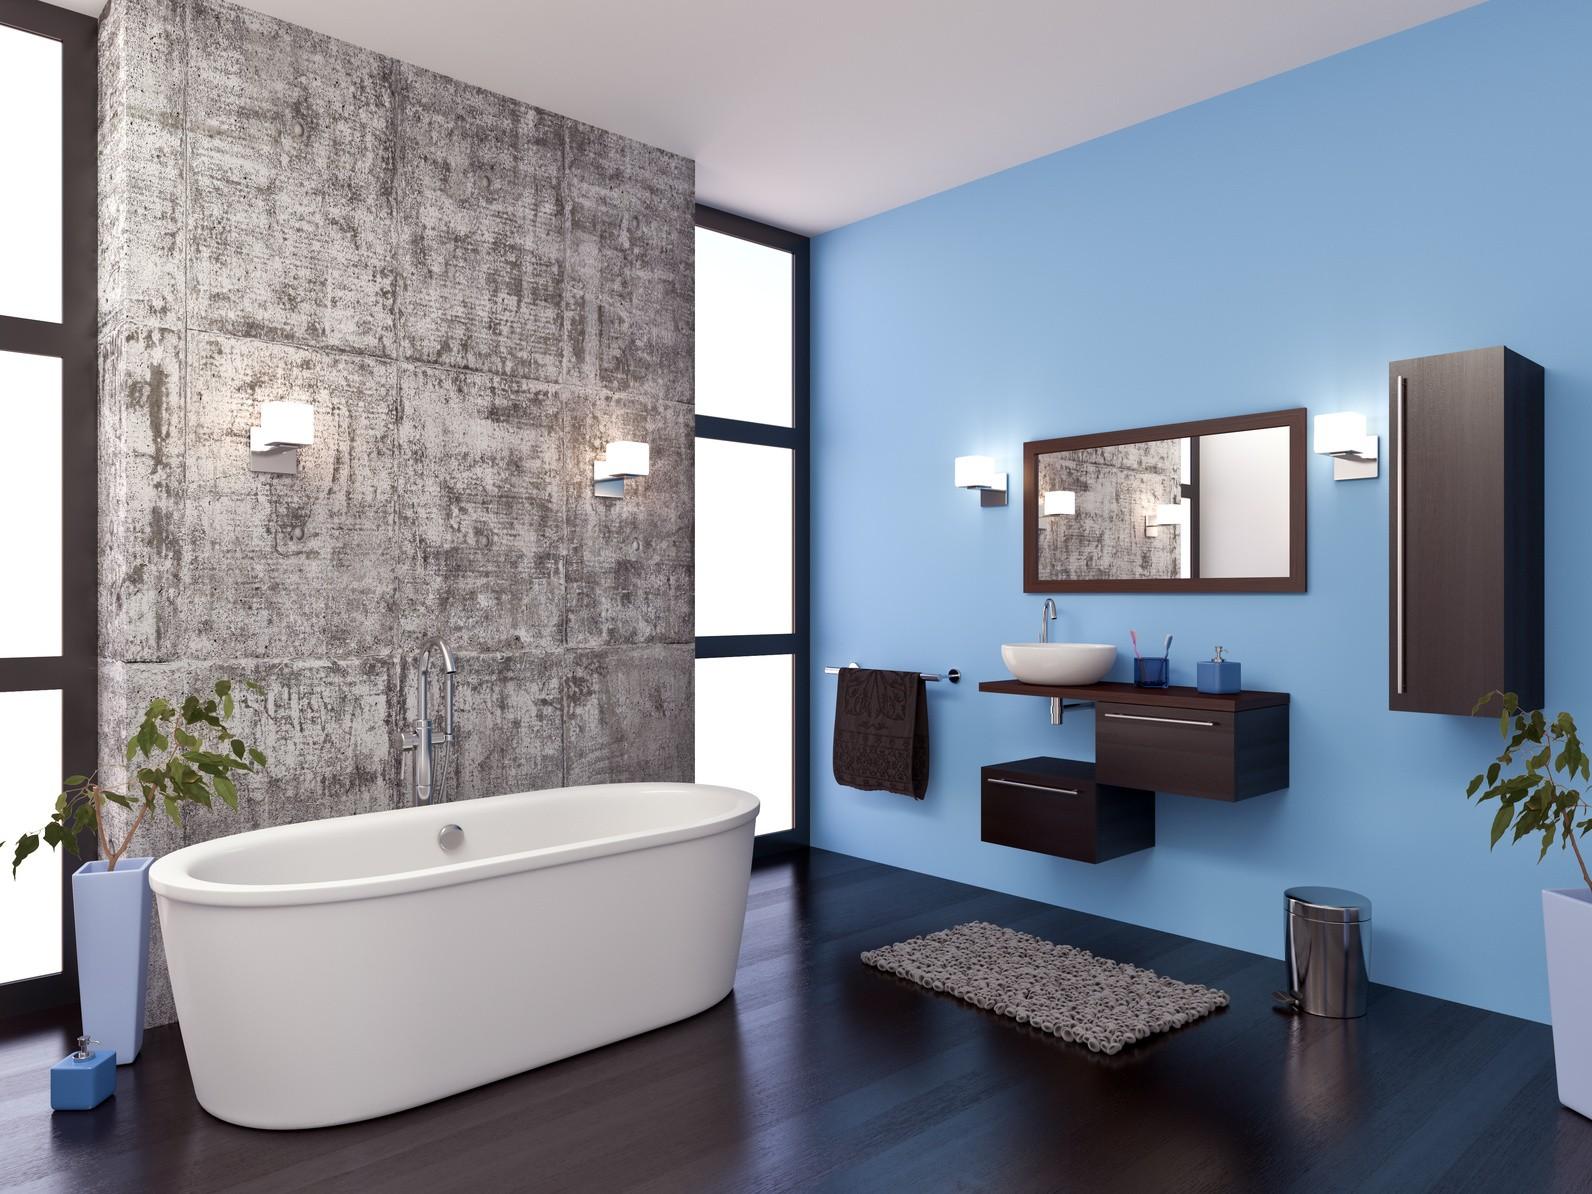 Renover sa maison a moindre cout ventana blog for Renover sa salle de bain